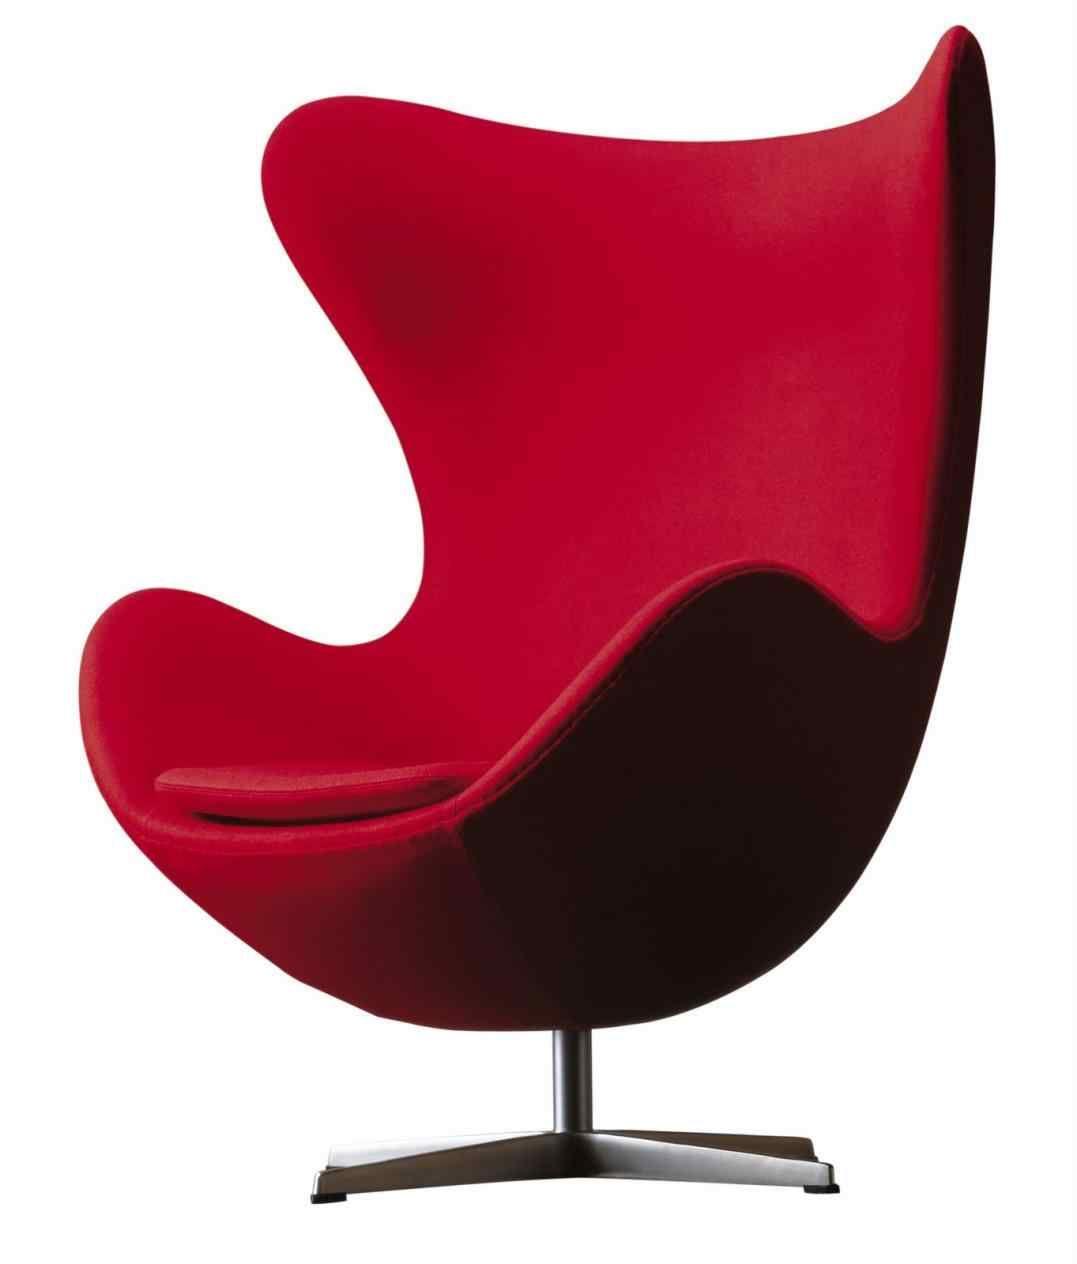 Besten Moderne Stühle Überprüfen Sie mehr unter http://stuhle.info ...